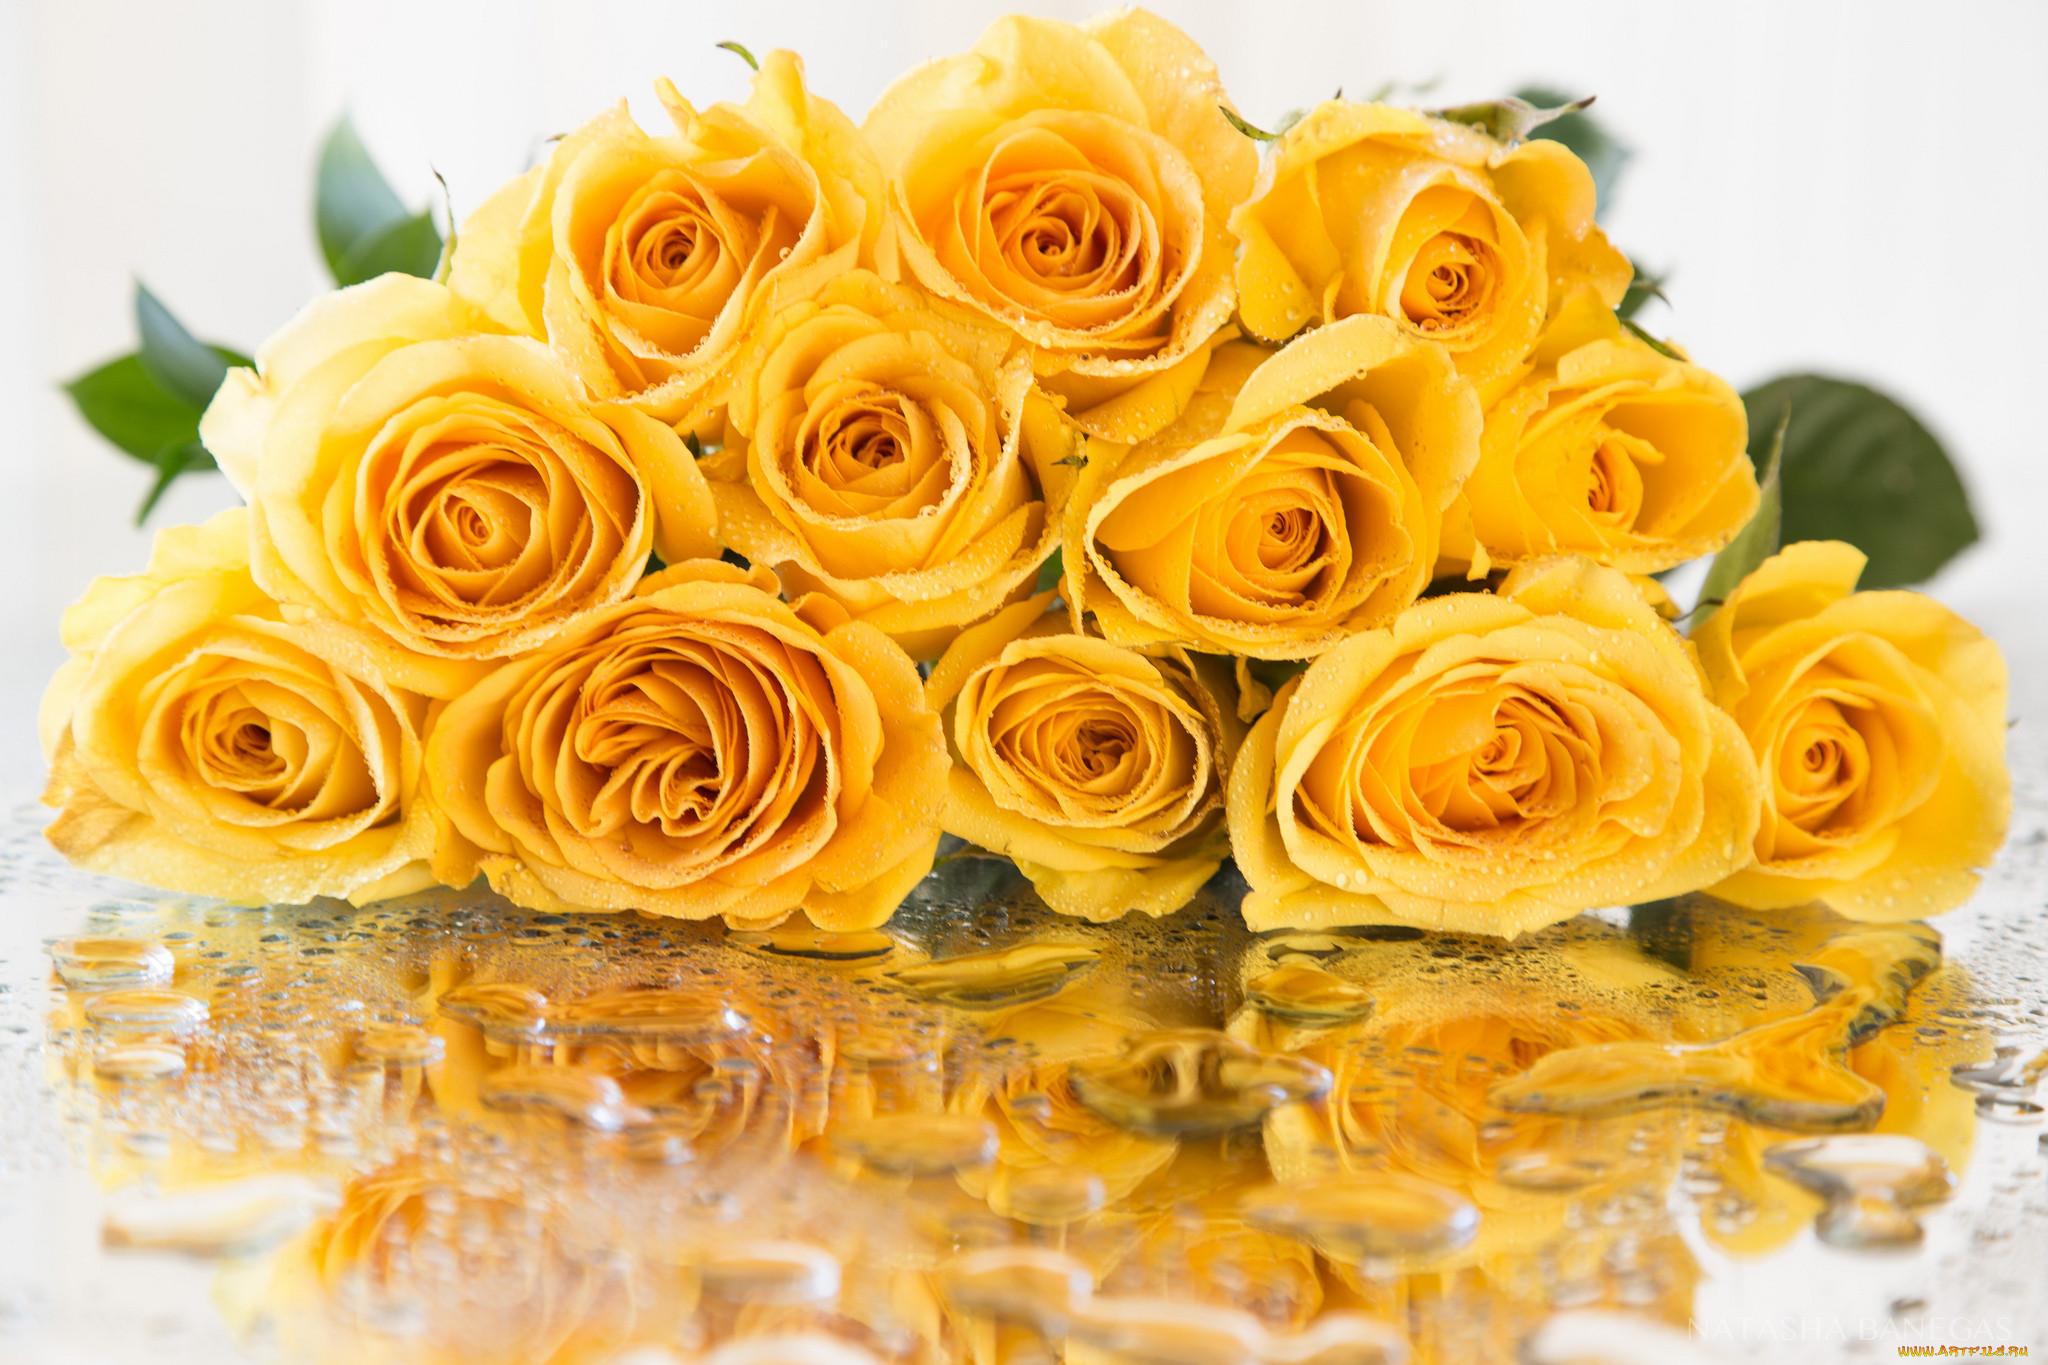 волокна открытки с желтыми цветами обожает своих деток